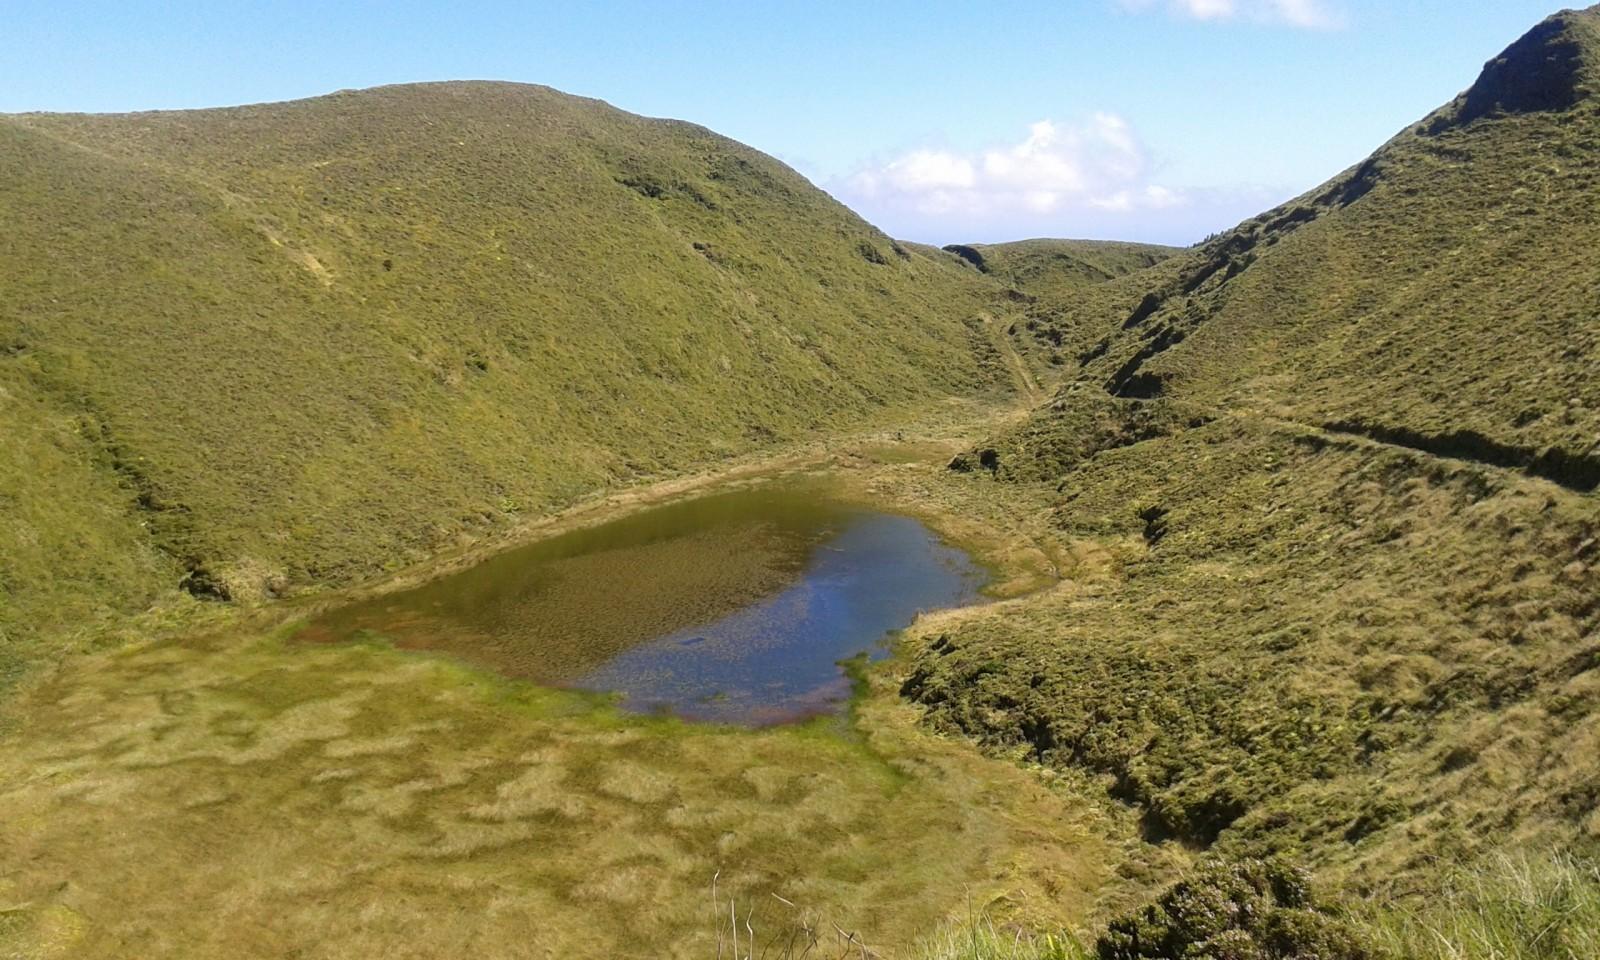 Serra Devassa hiking trails in Sao Miguel